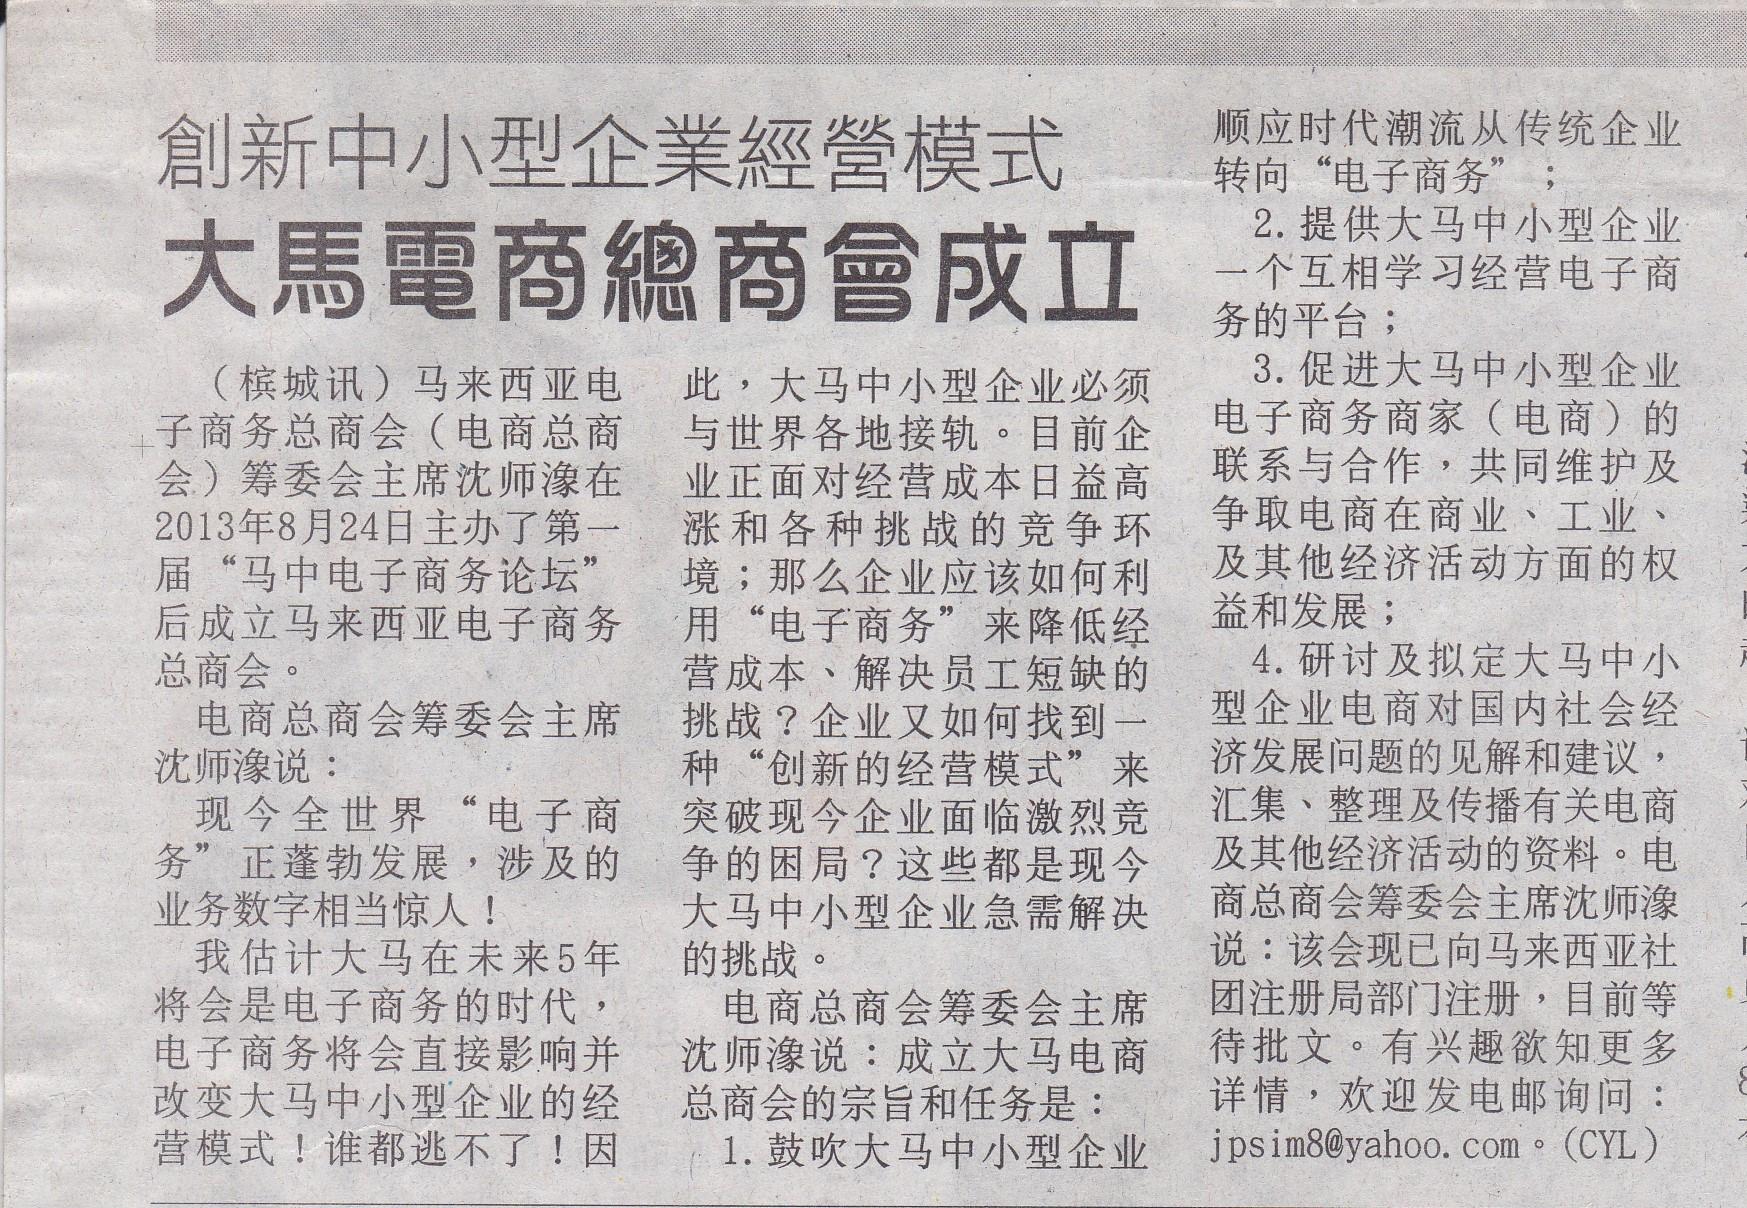 2014年2月27日光明日报报导大马总商会成立